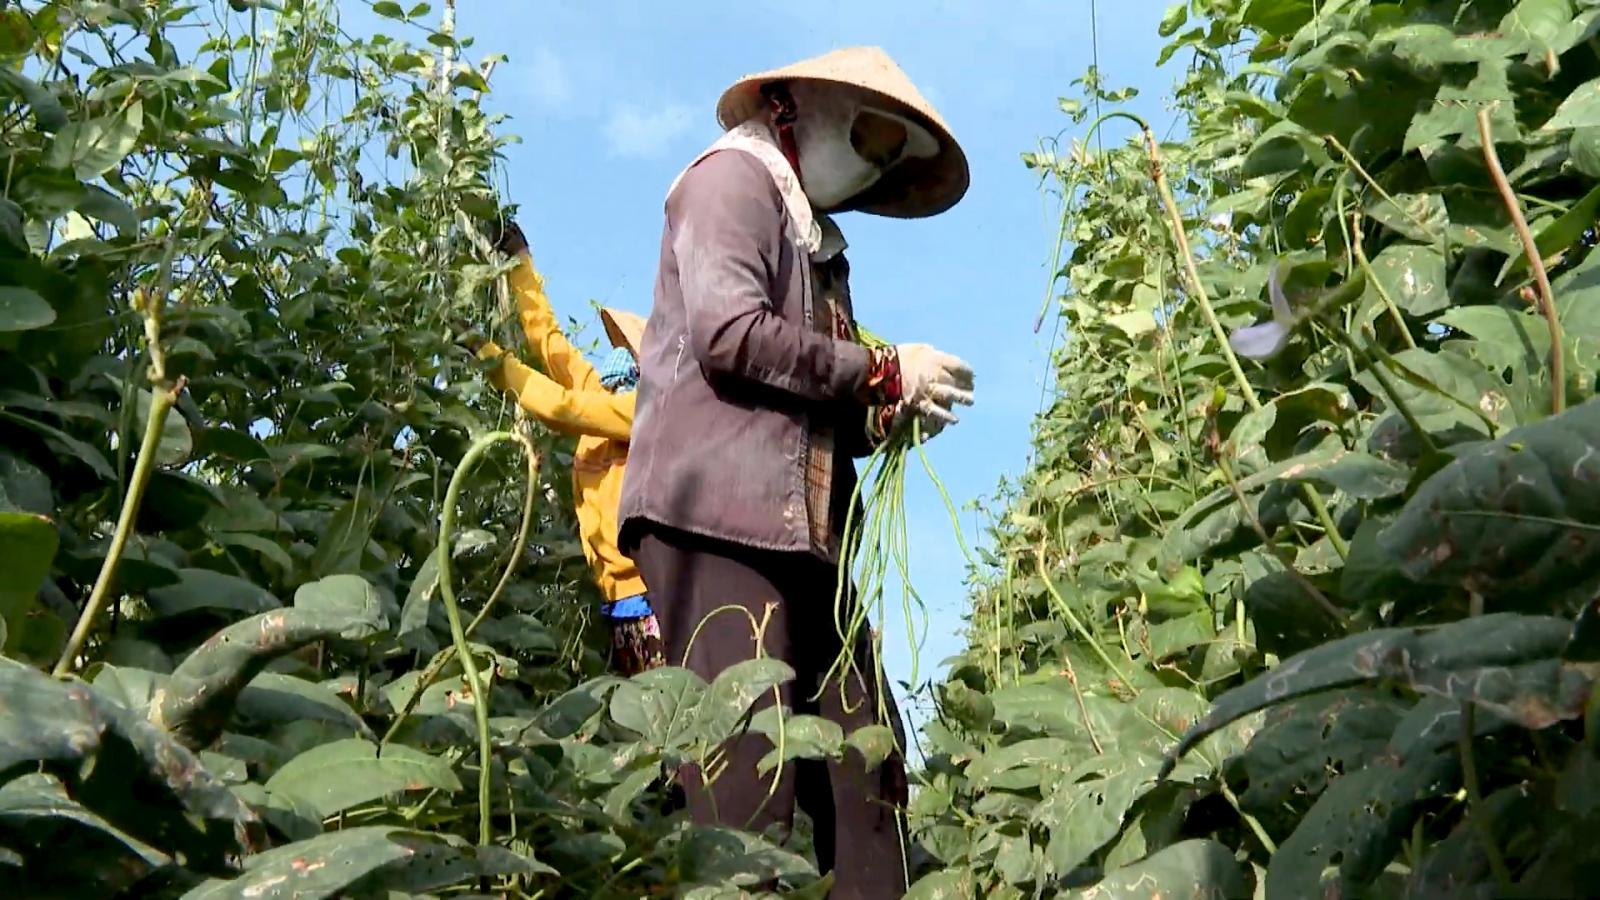 Phân bón tăng giá doanh nghiệp lẫn nôngdâncùng gặp khó